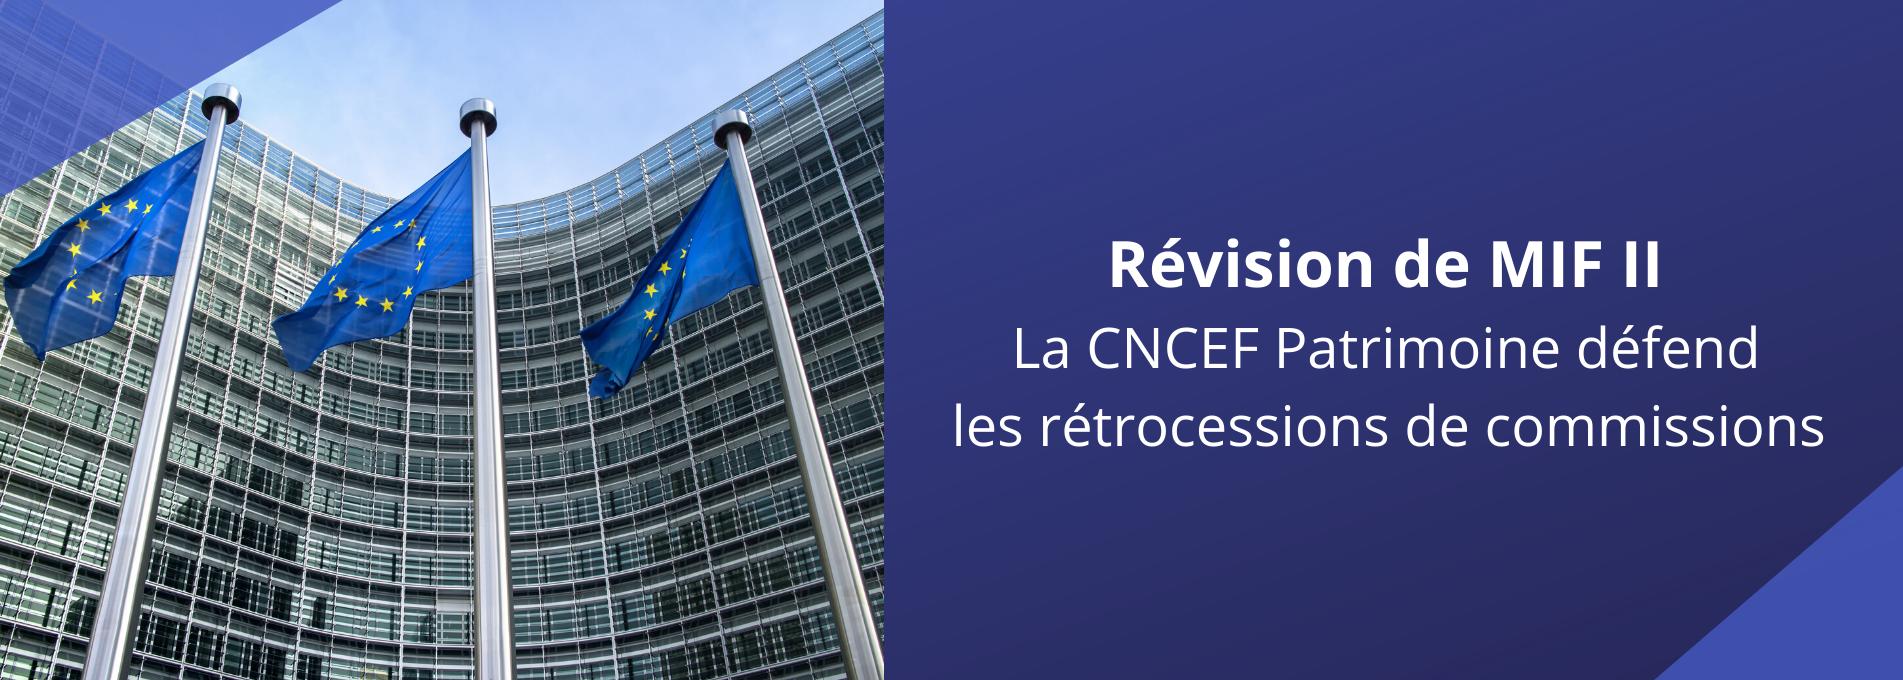 MIF II : la CNCEF Patrimoine défend les rétrocessions